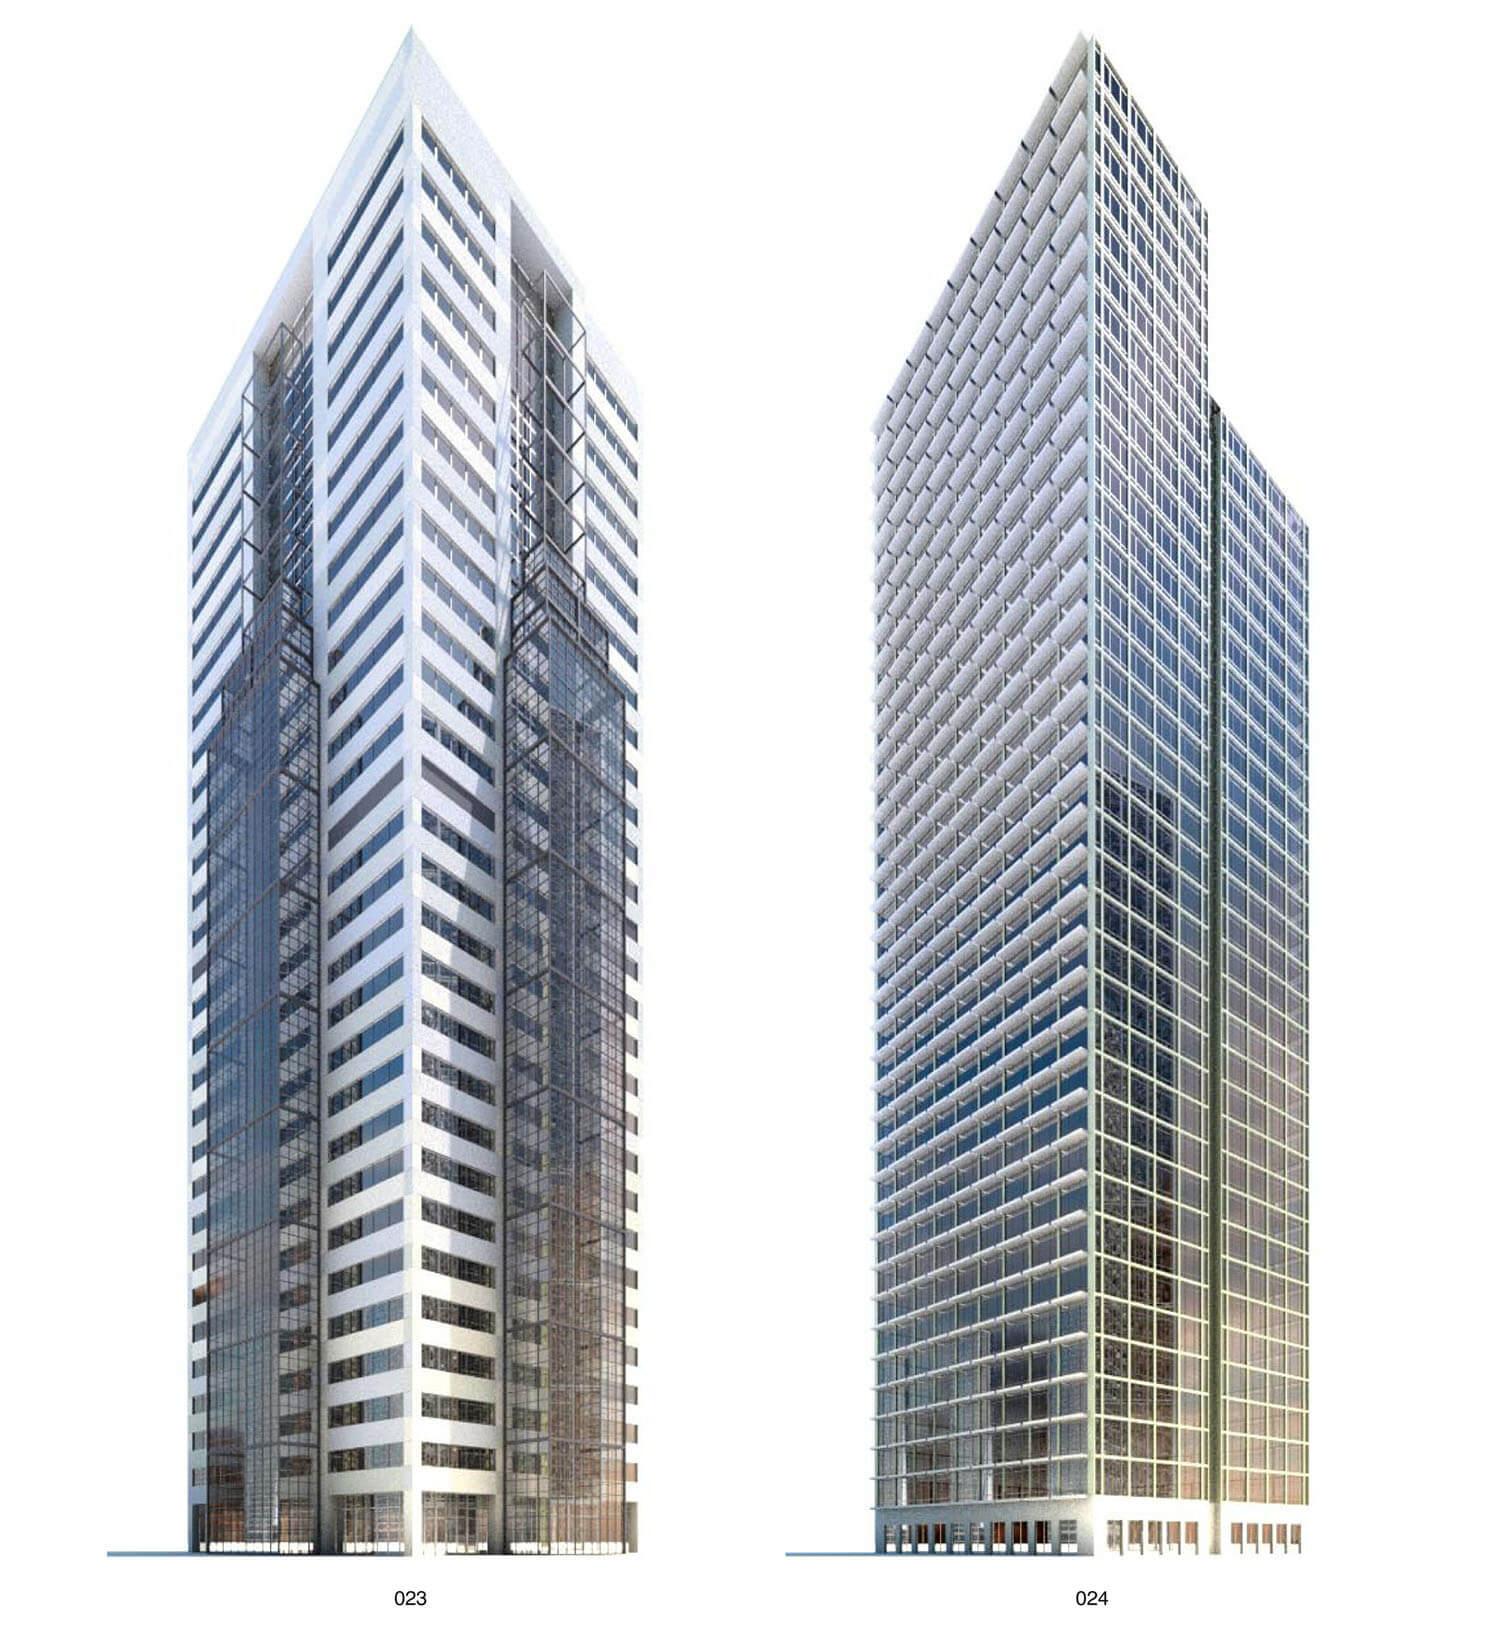 Building có các tấm chắn nắng rất giá trị với các nhà cao tầng